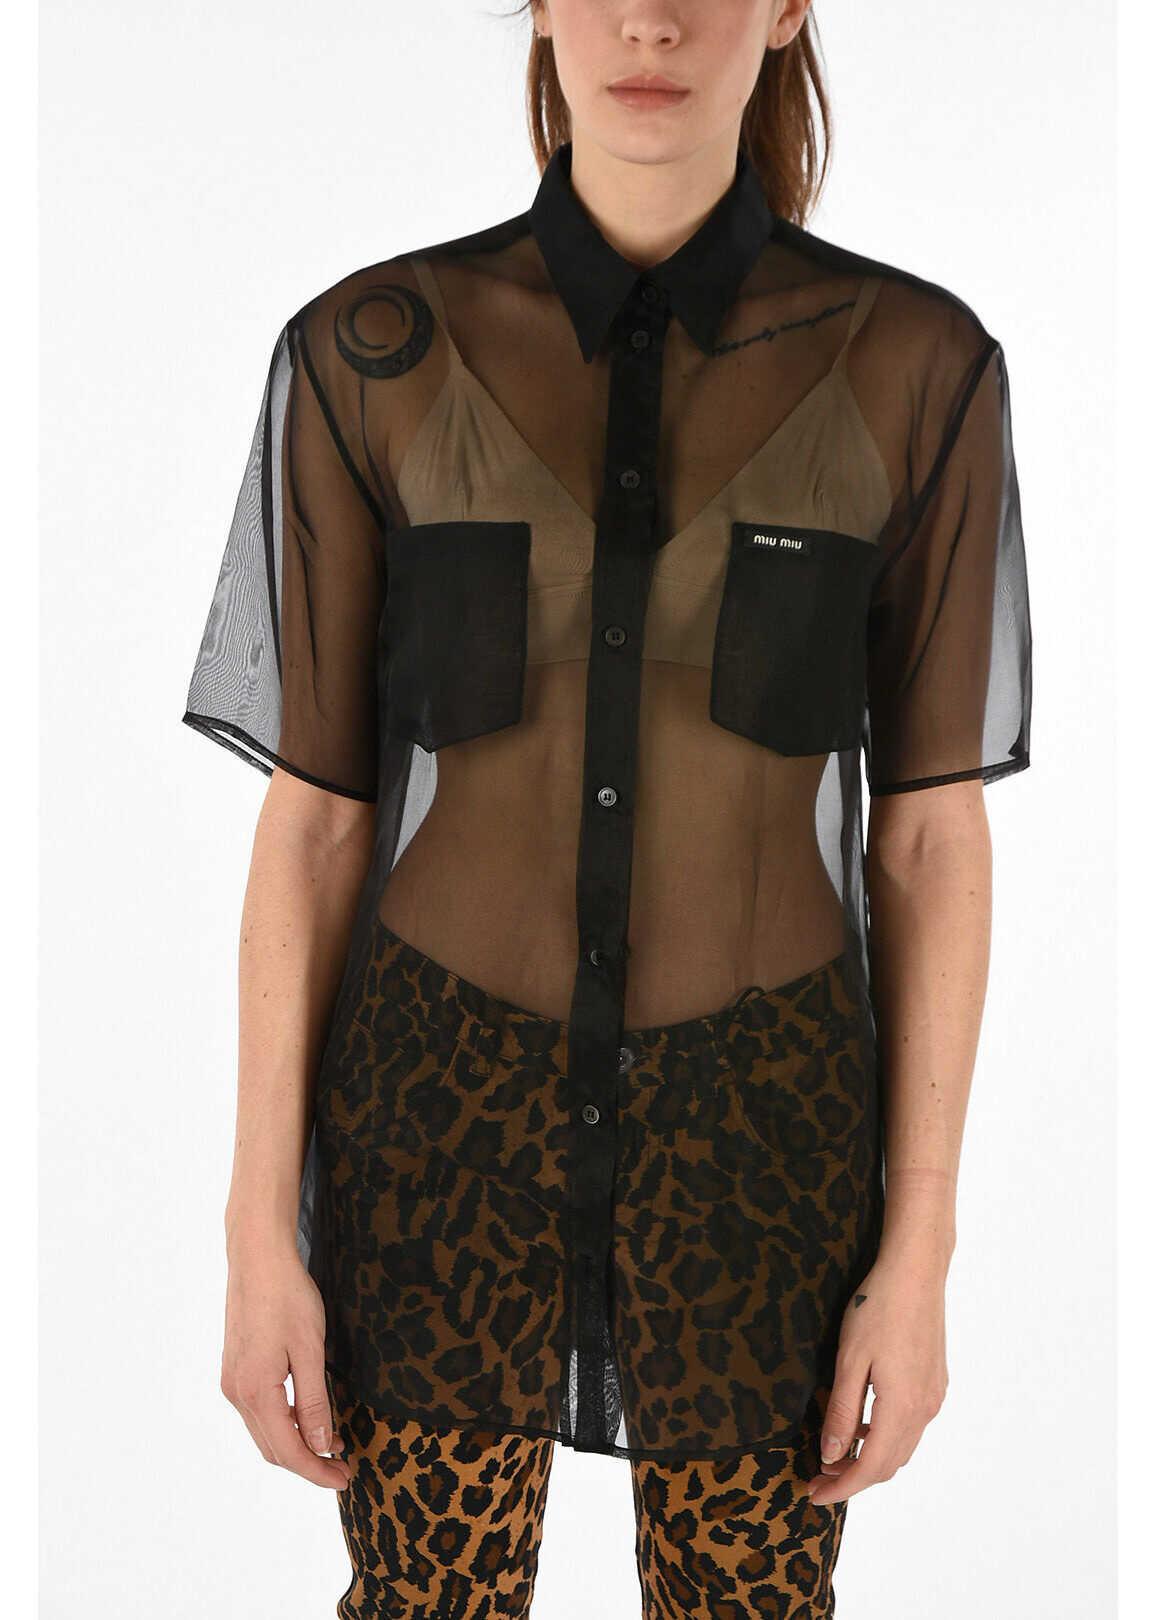 Miu Miu silk short sleeve blouse BLACK